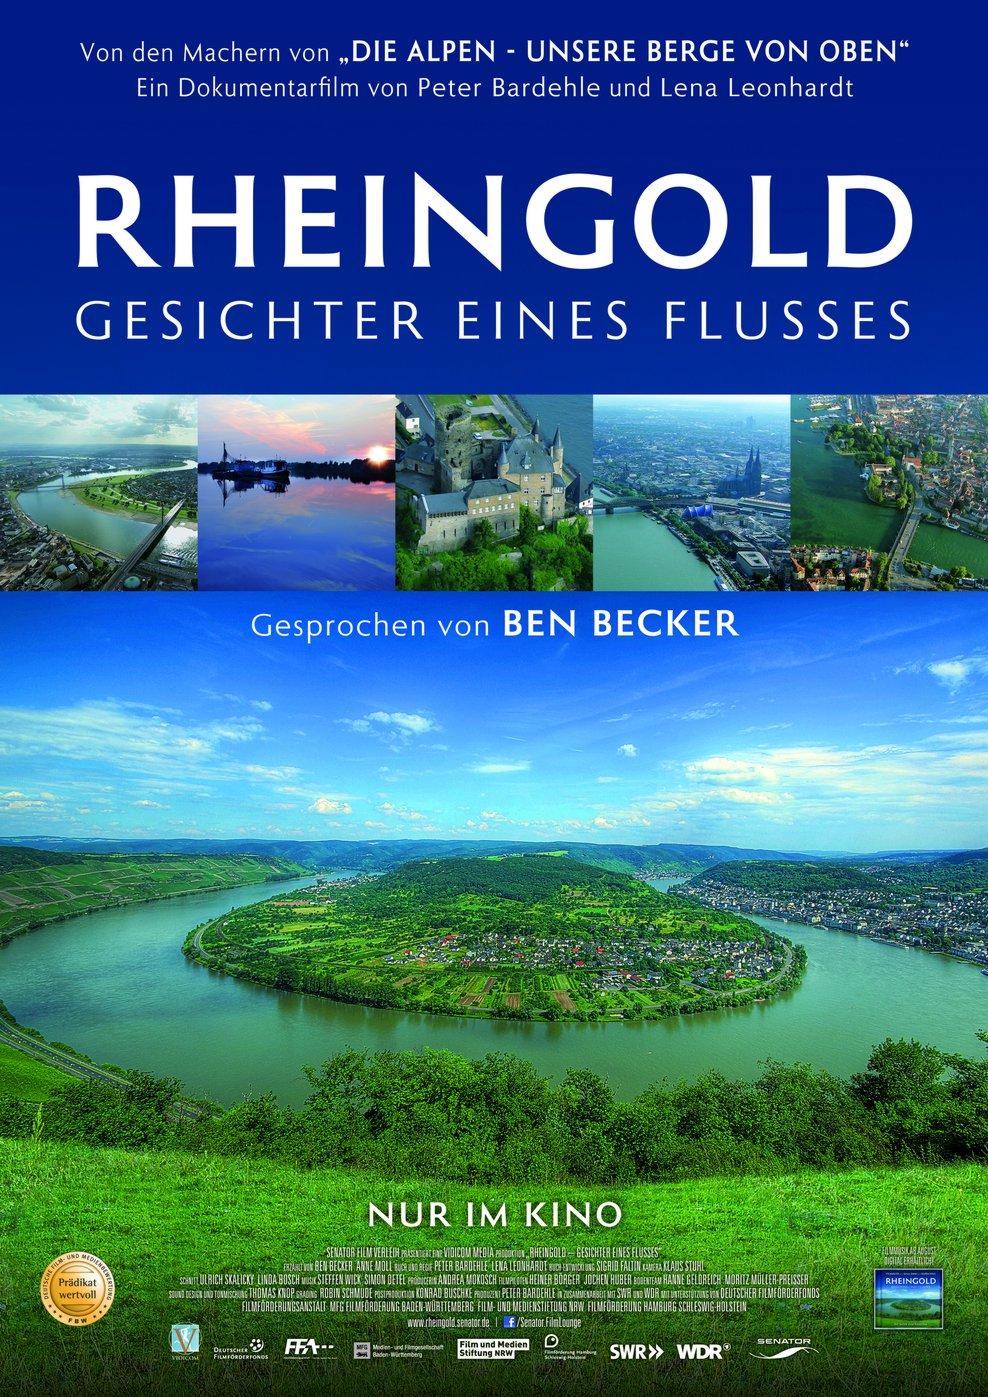 Rheingold - Gesichter eines Flusses (Poster)